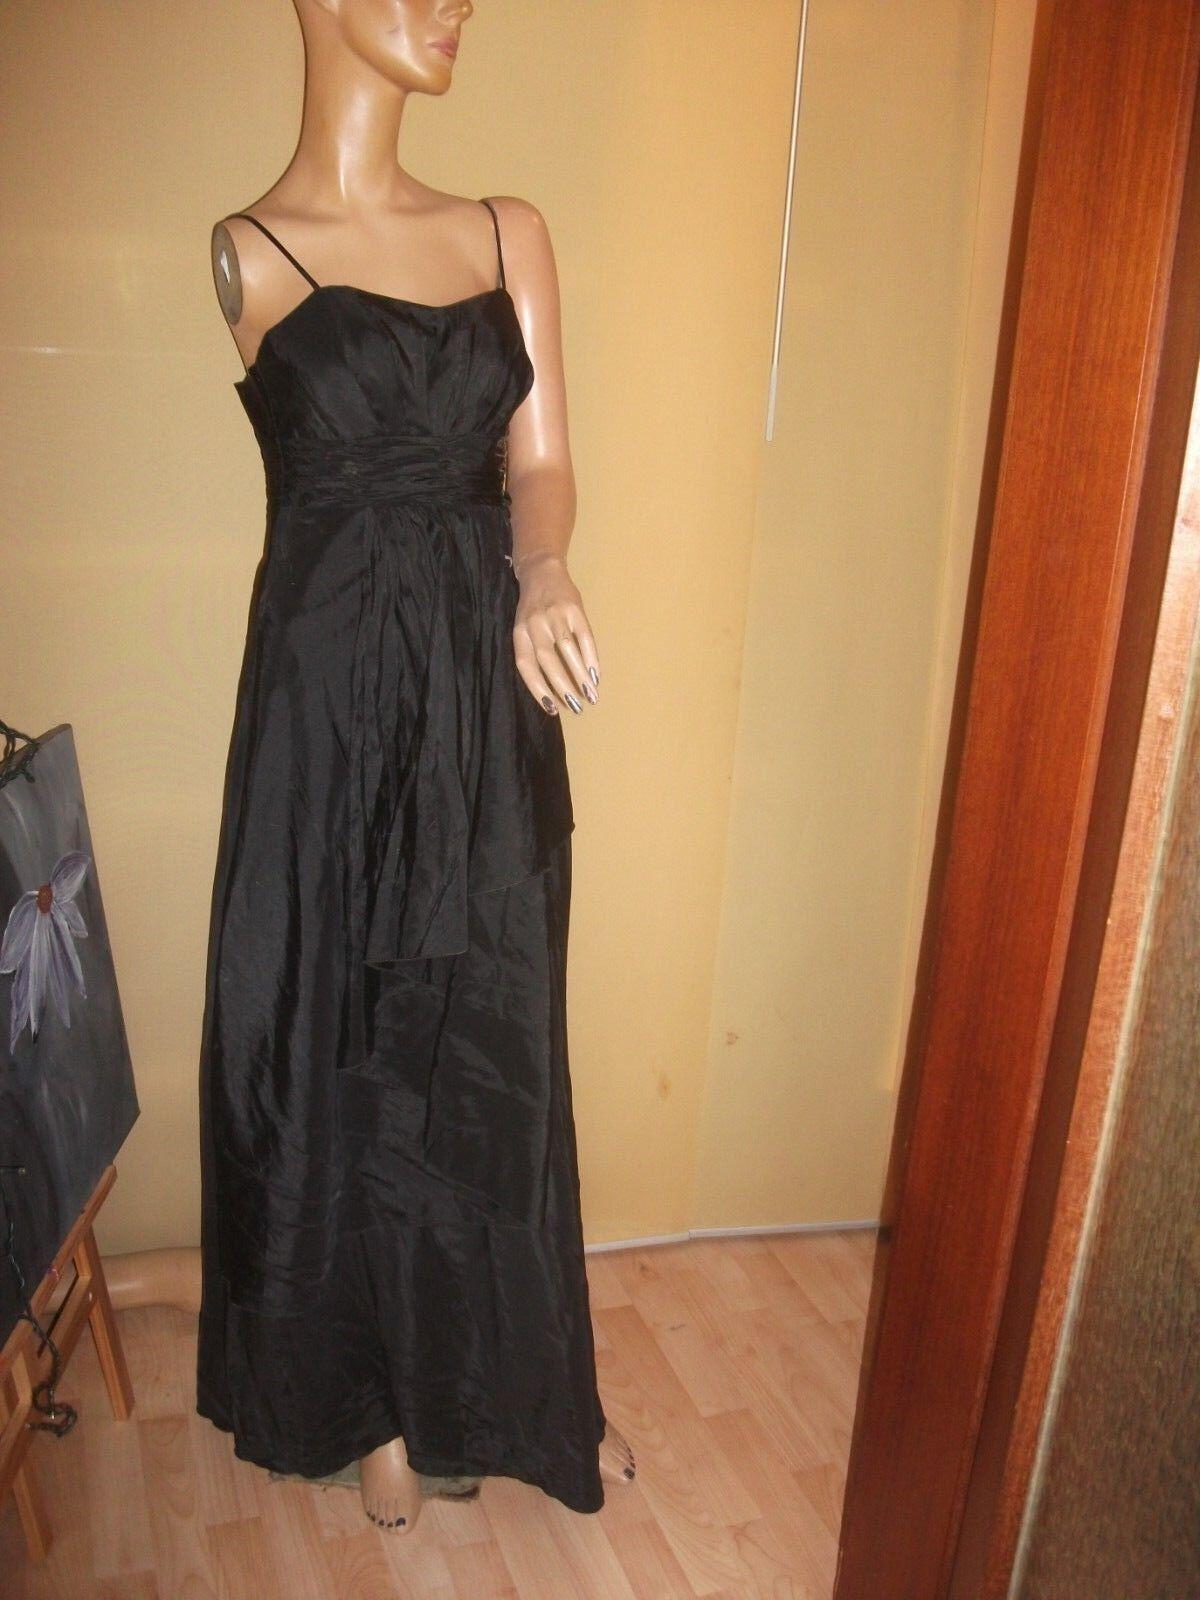 Wunderschönes schwarzes langes Kleid im Lagenlook Größe S Abendkleid Ballkleid